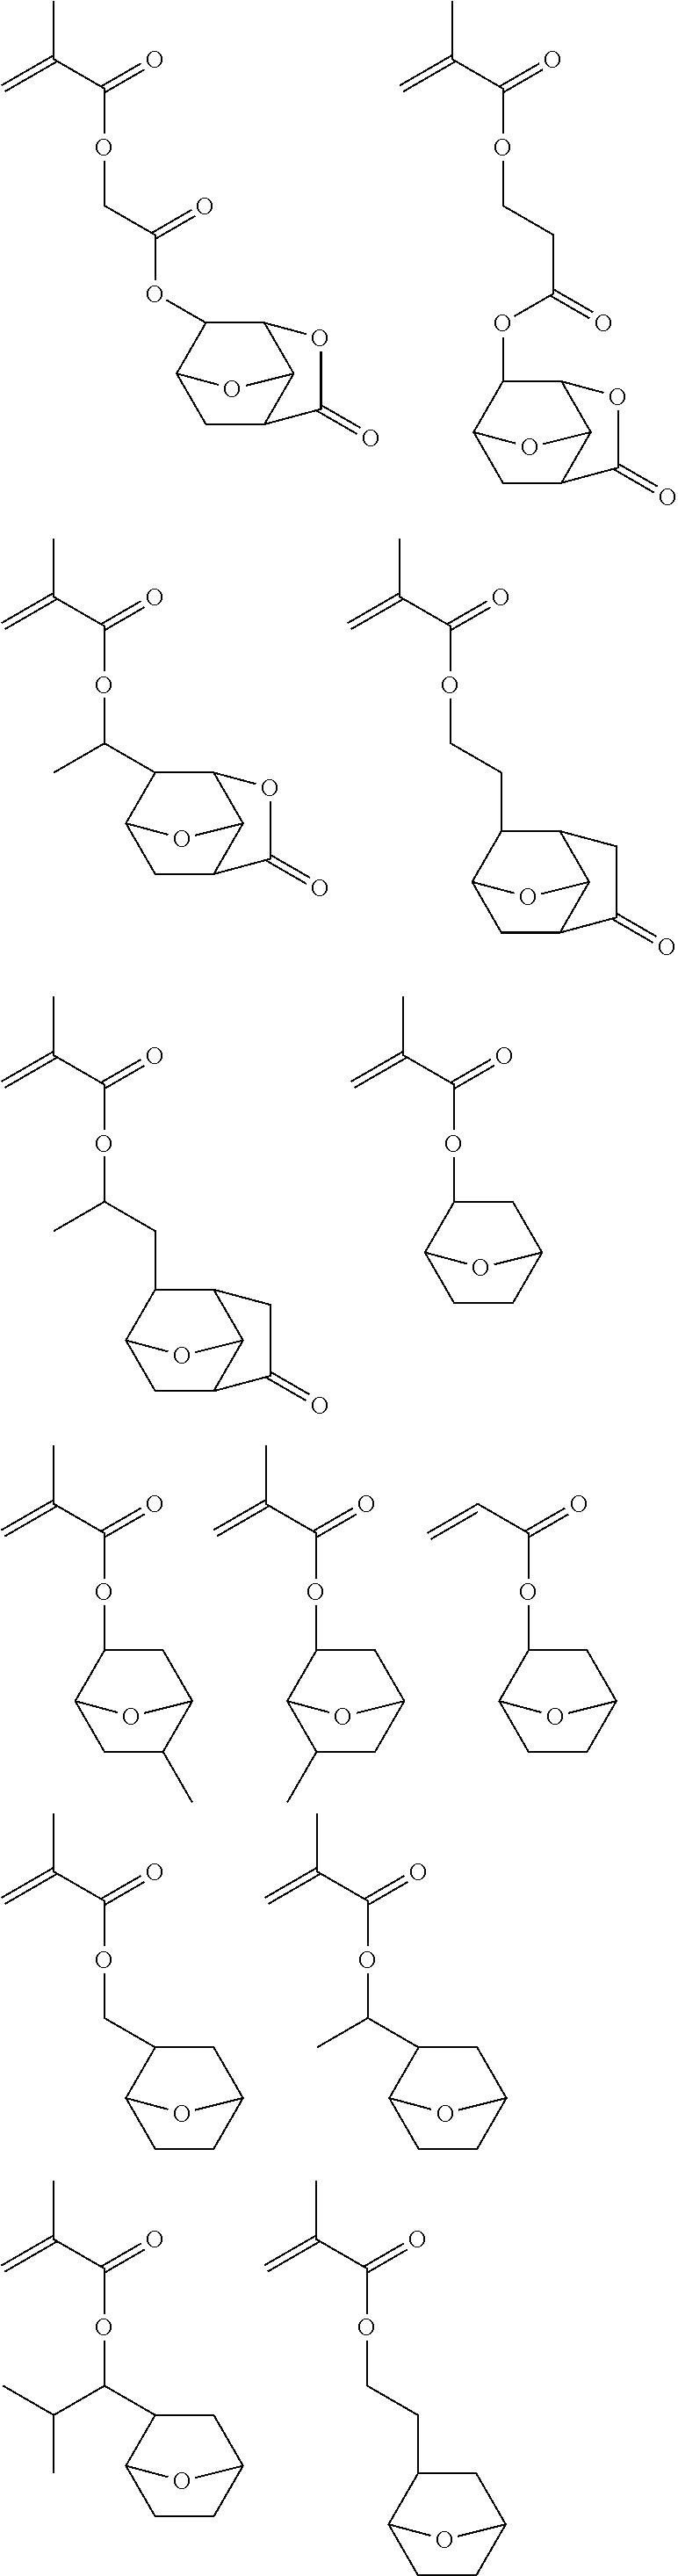 Figure US09017918-20150428-C00039